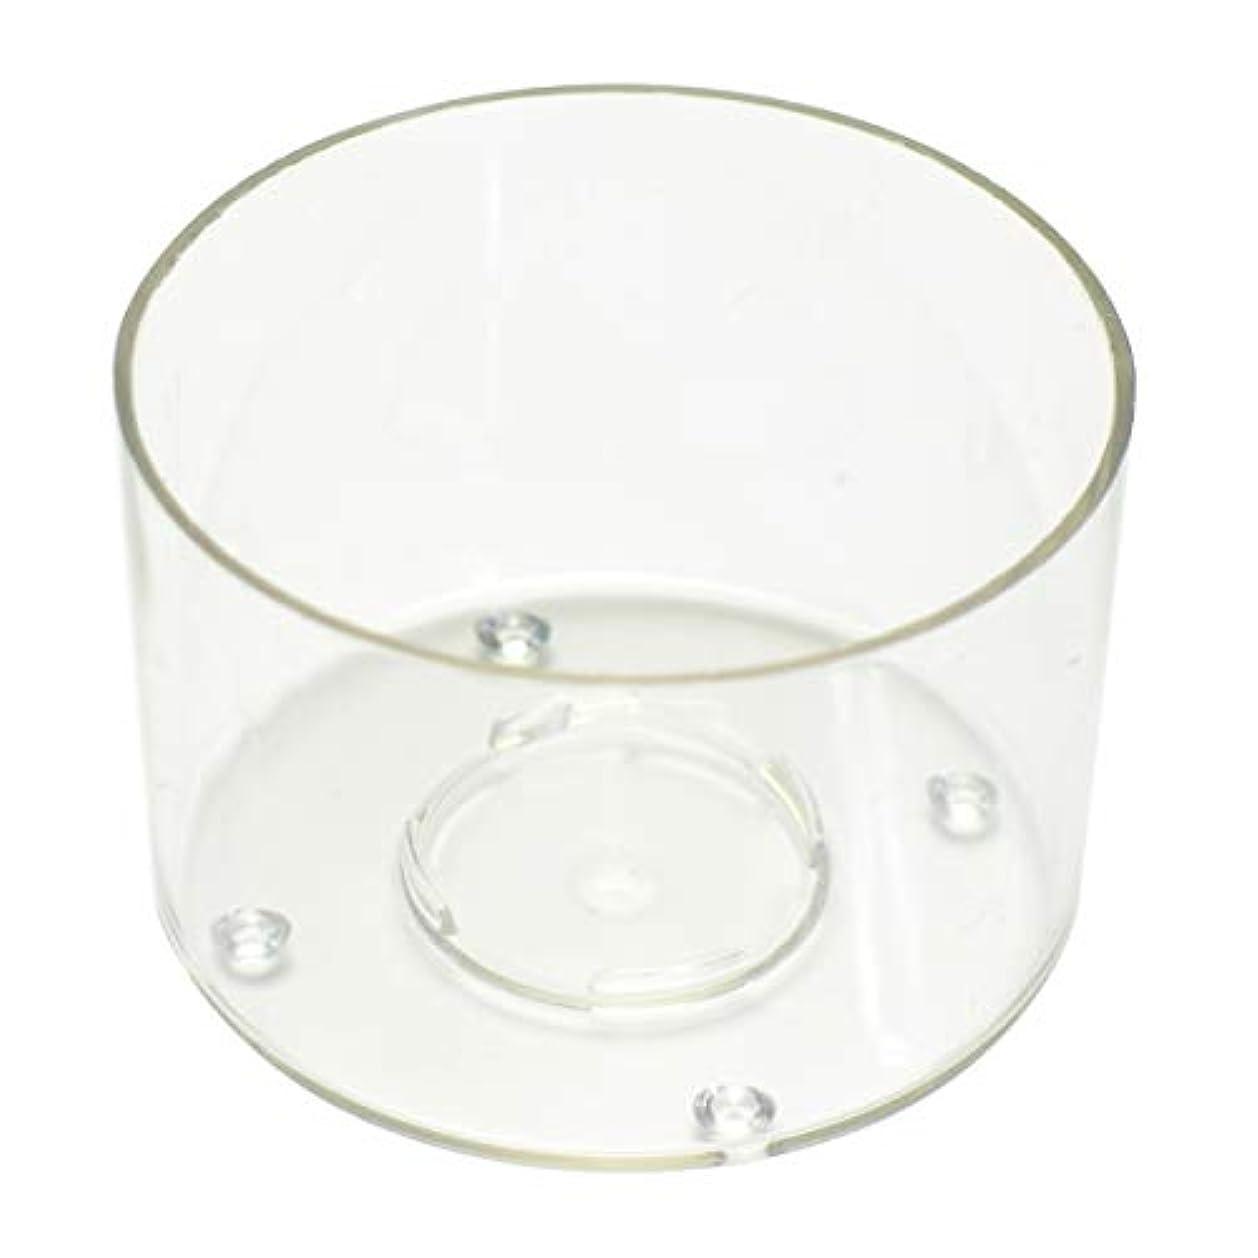 仮説吸収パートナーティーライトキャンドル用 クリアカップ 直径40mm×高さ26mm 20個入り 材料 手作り